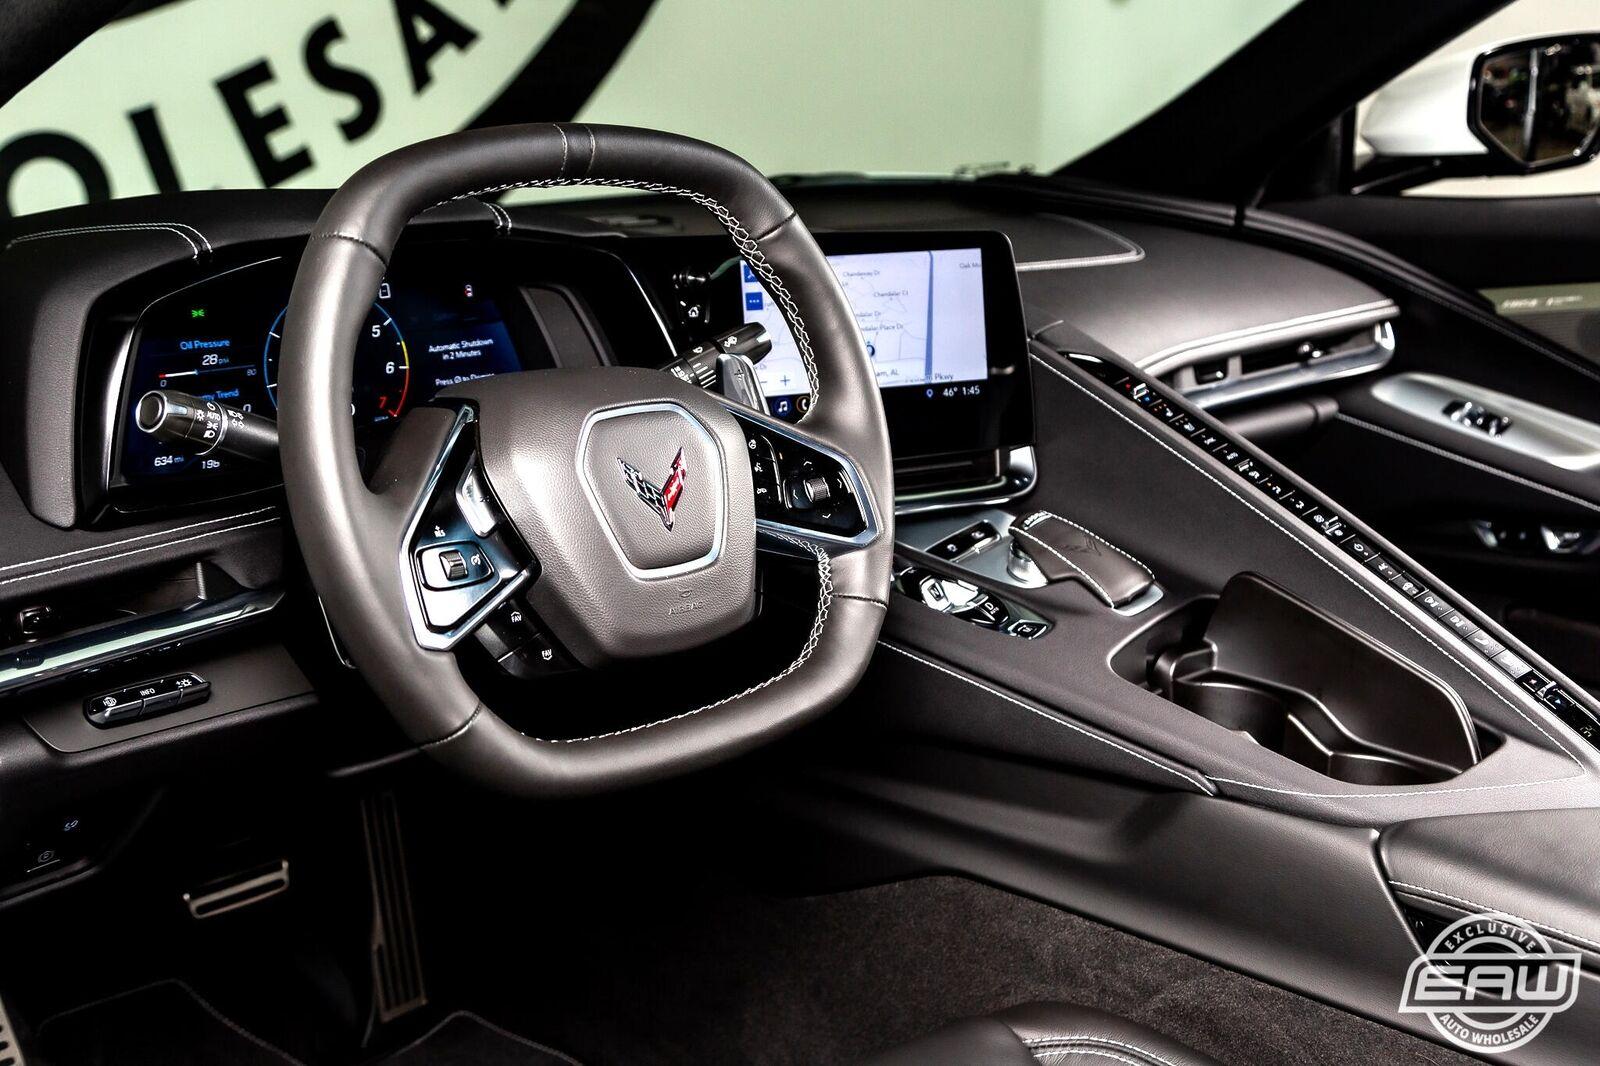 2020 White Chevrolet Corvette Stingray 2LT | C7 Corvette Photo 2